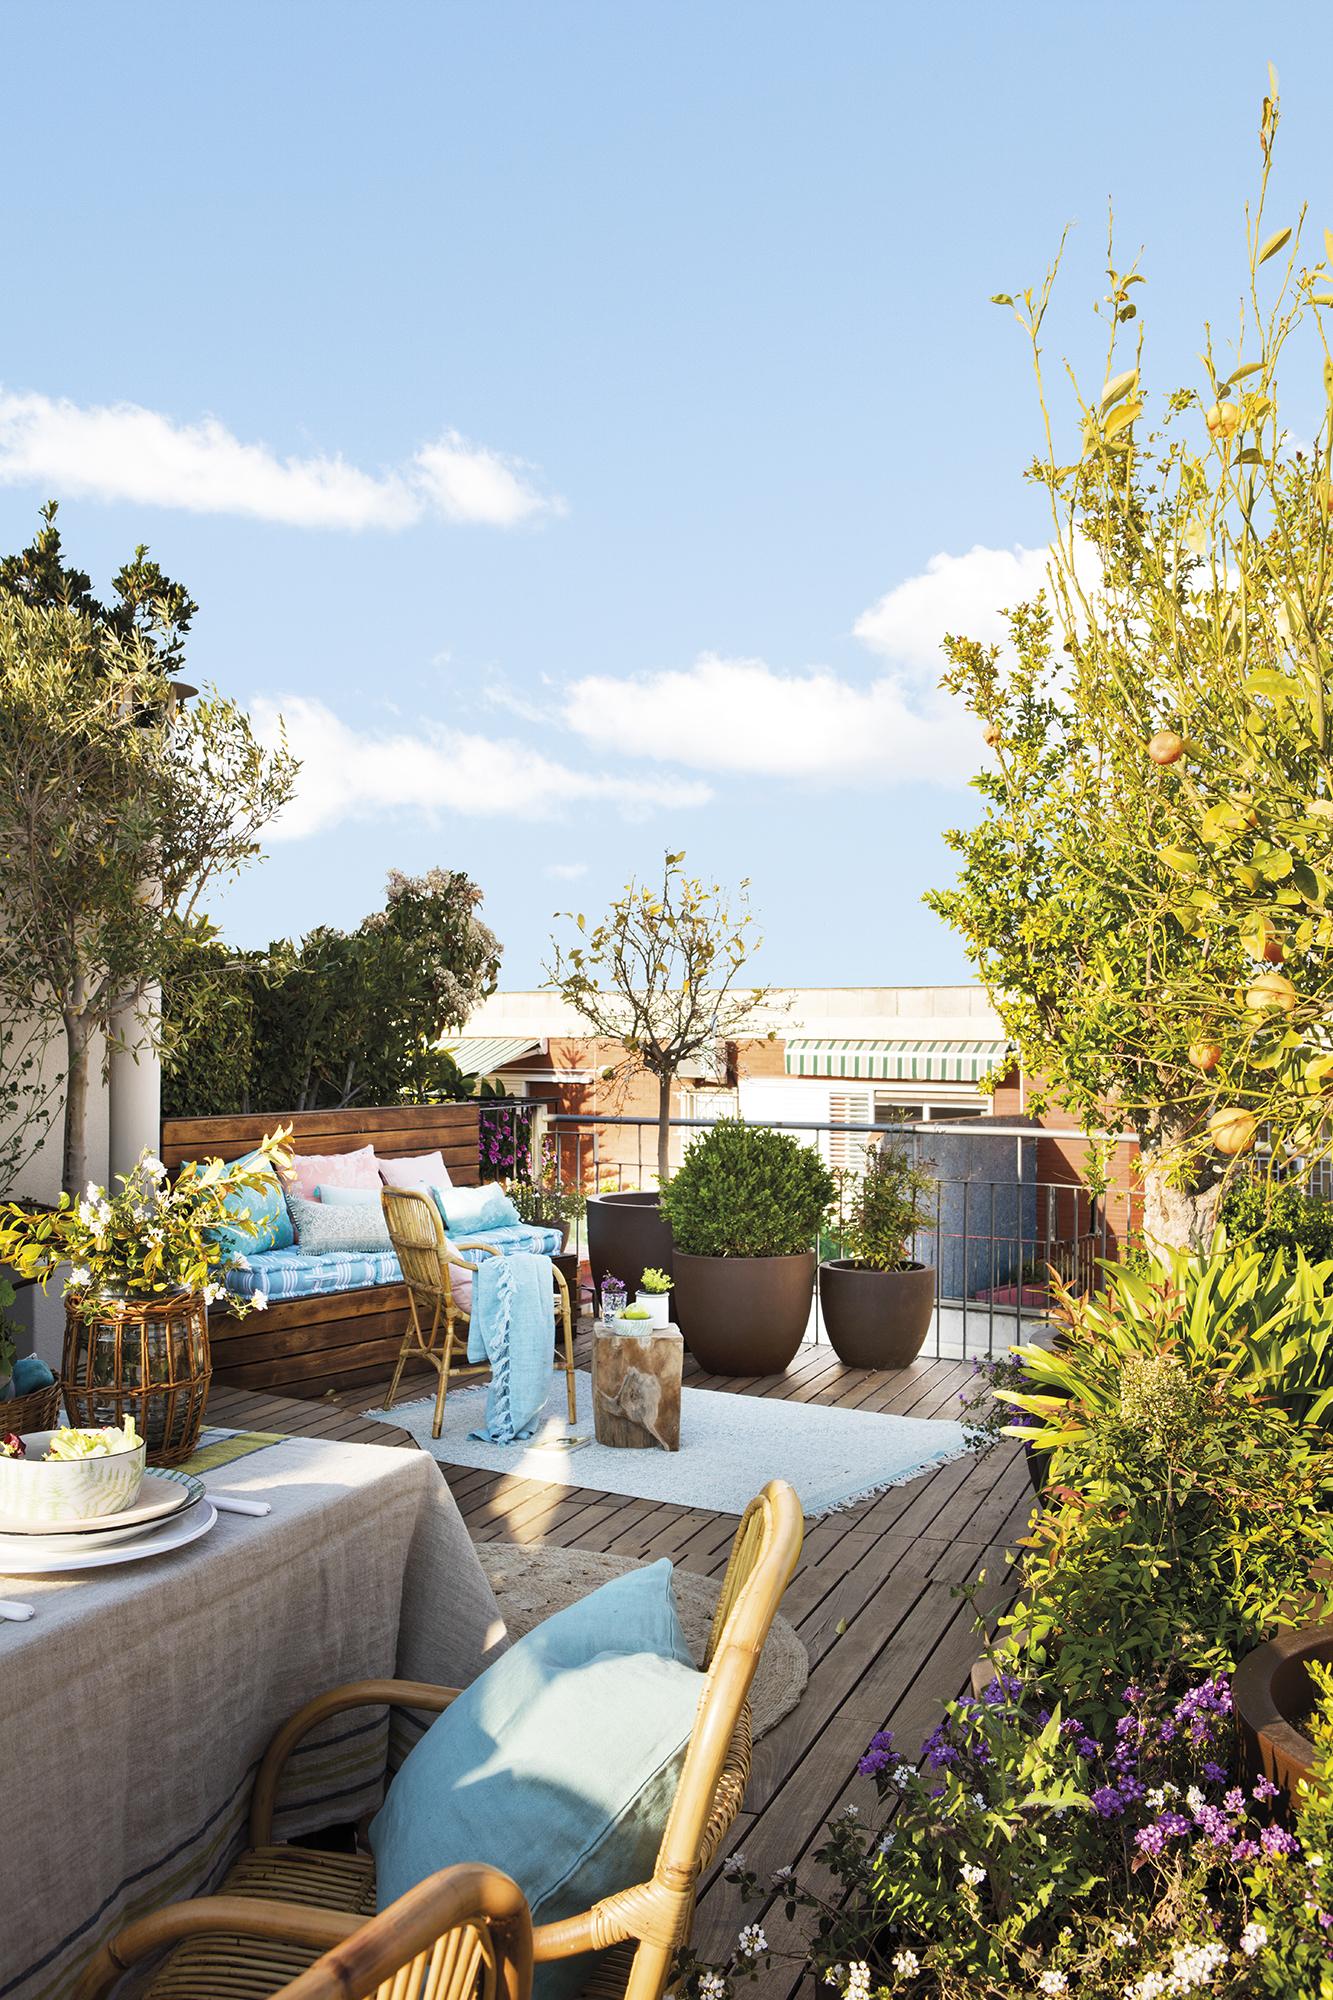 Tico en barcelona con terraza ajardinada - Atico terraza barcelona ...